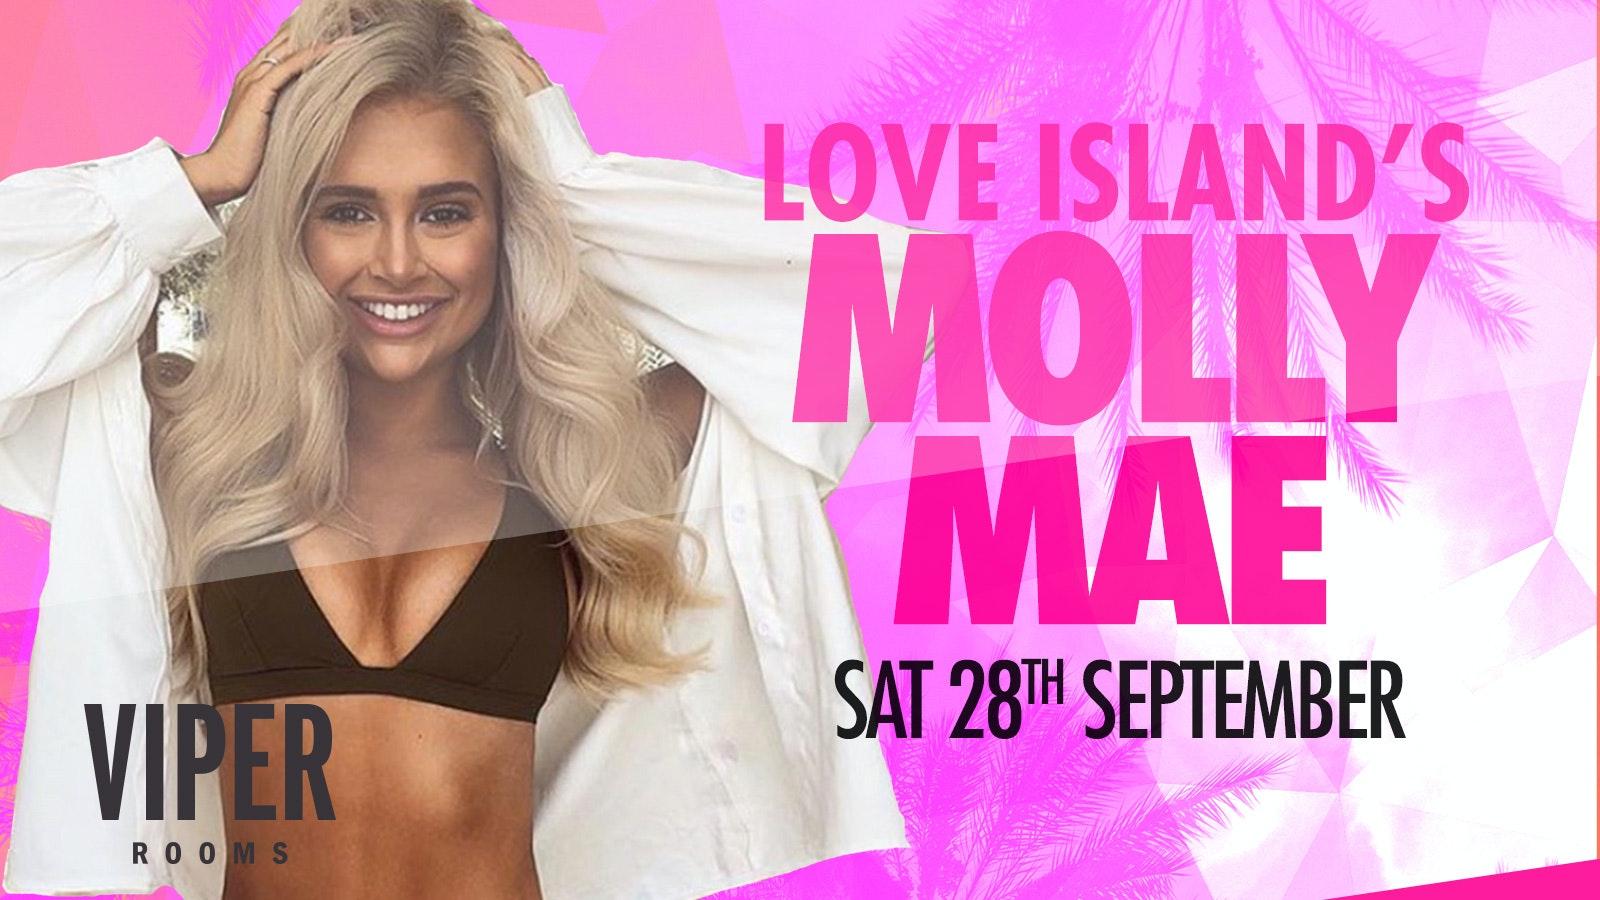 Love Island's MOLLY MAE Meet & Greet